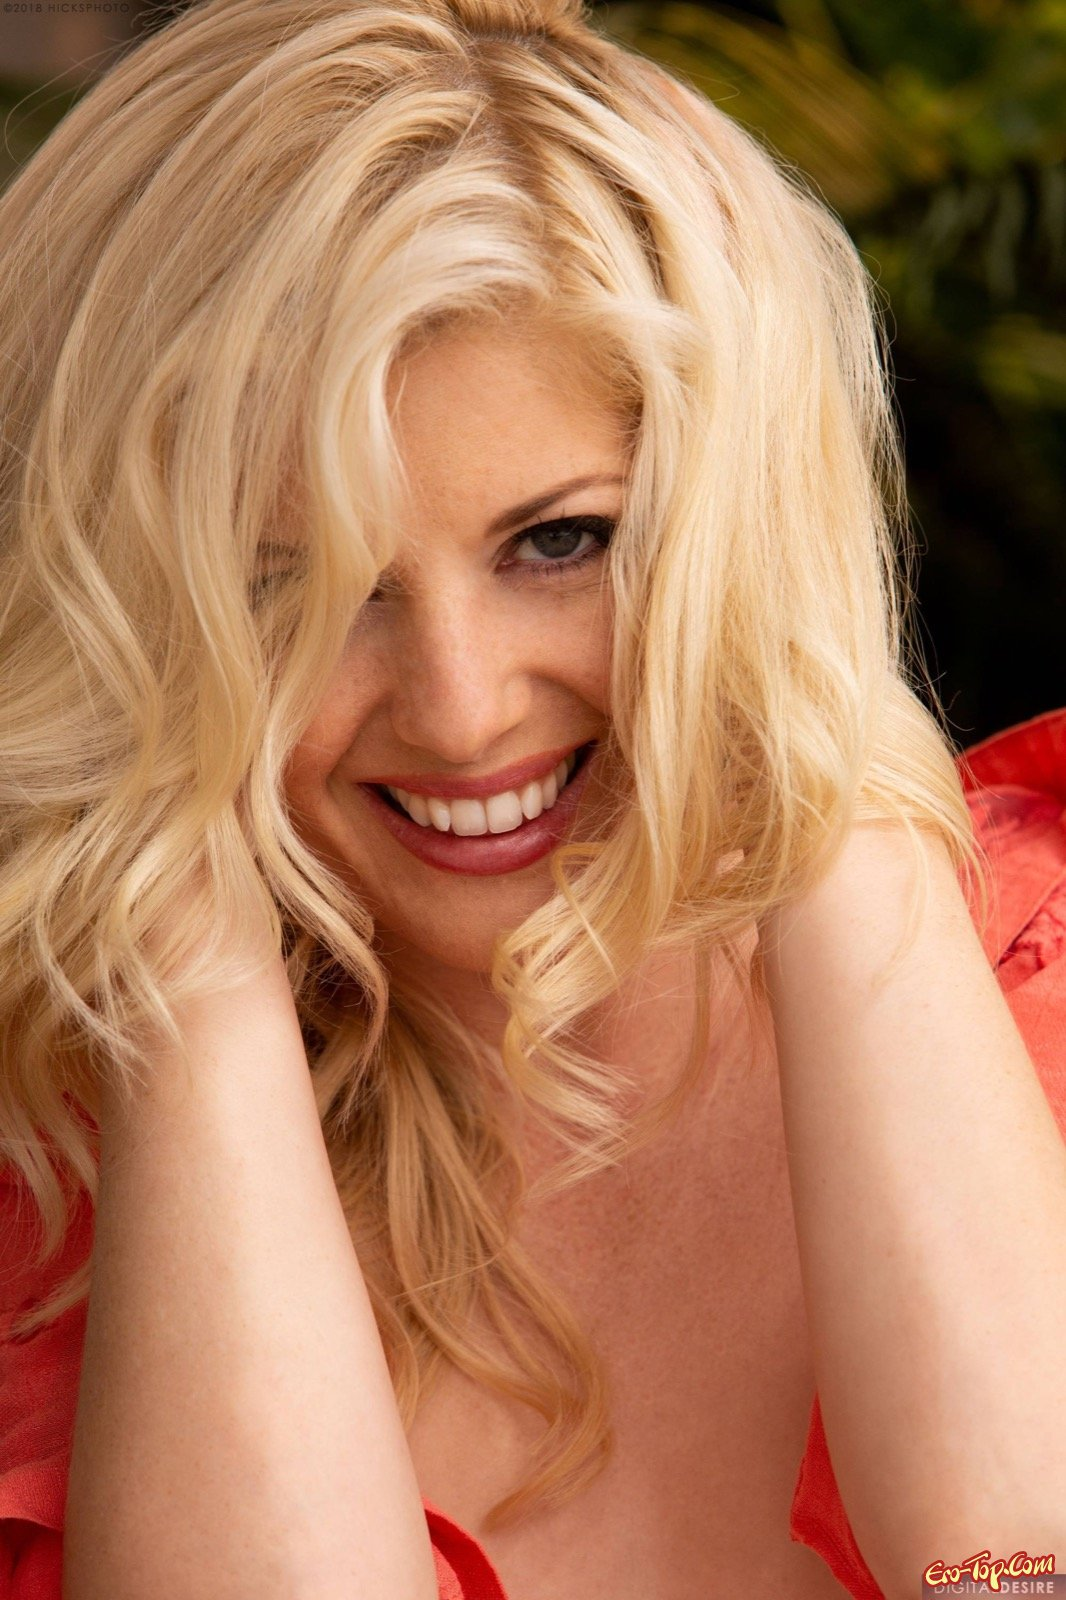 Обворожительная блондинка грациозно стягивает трусы